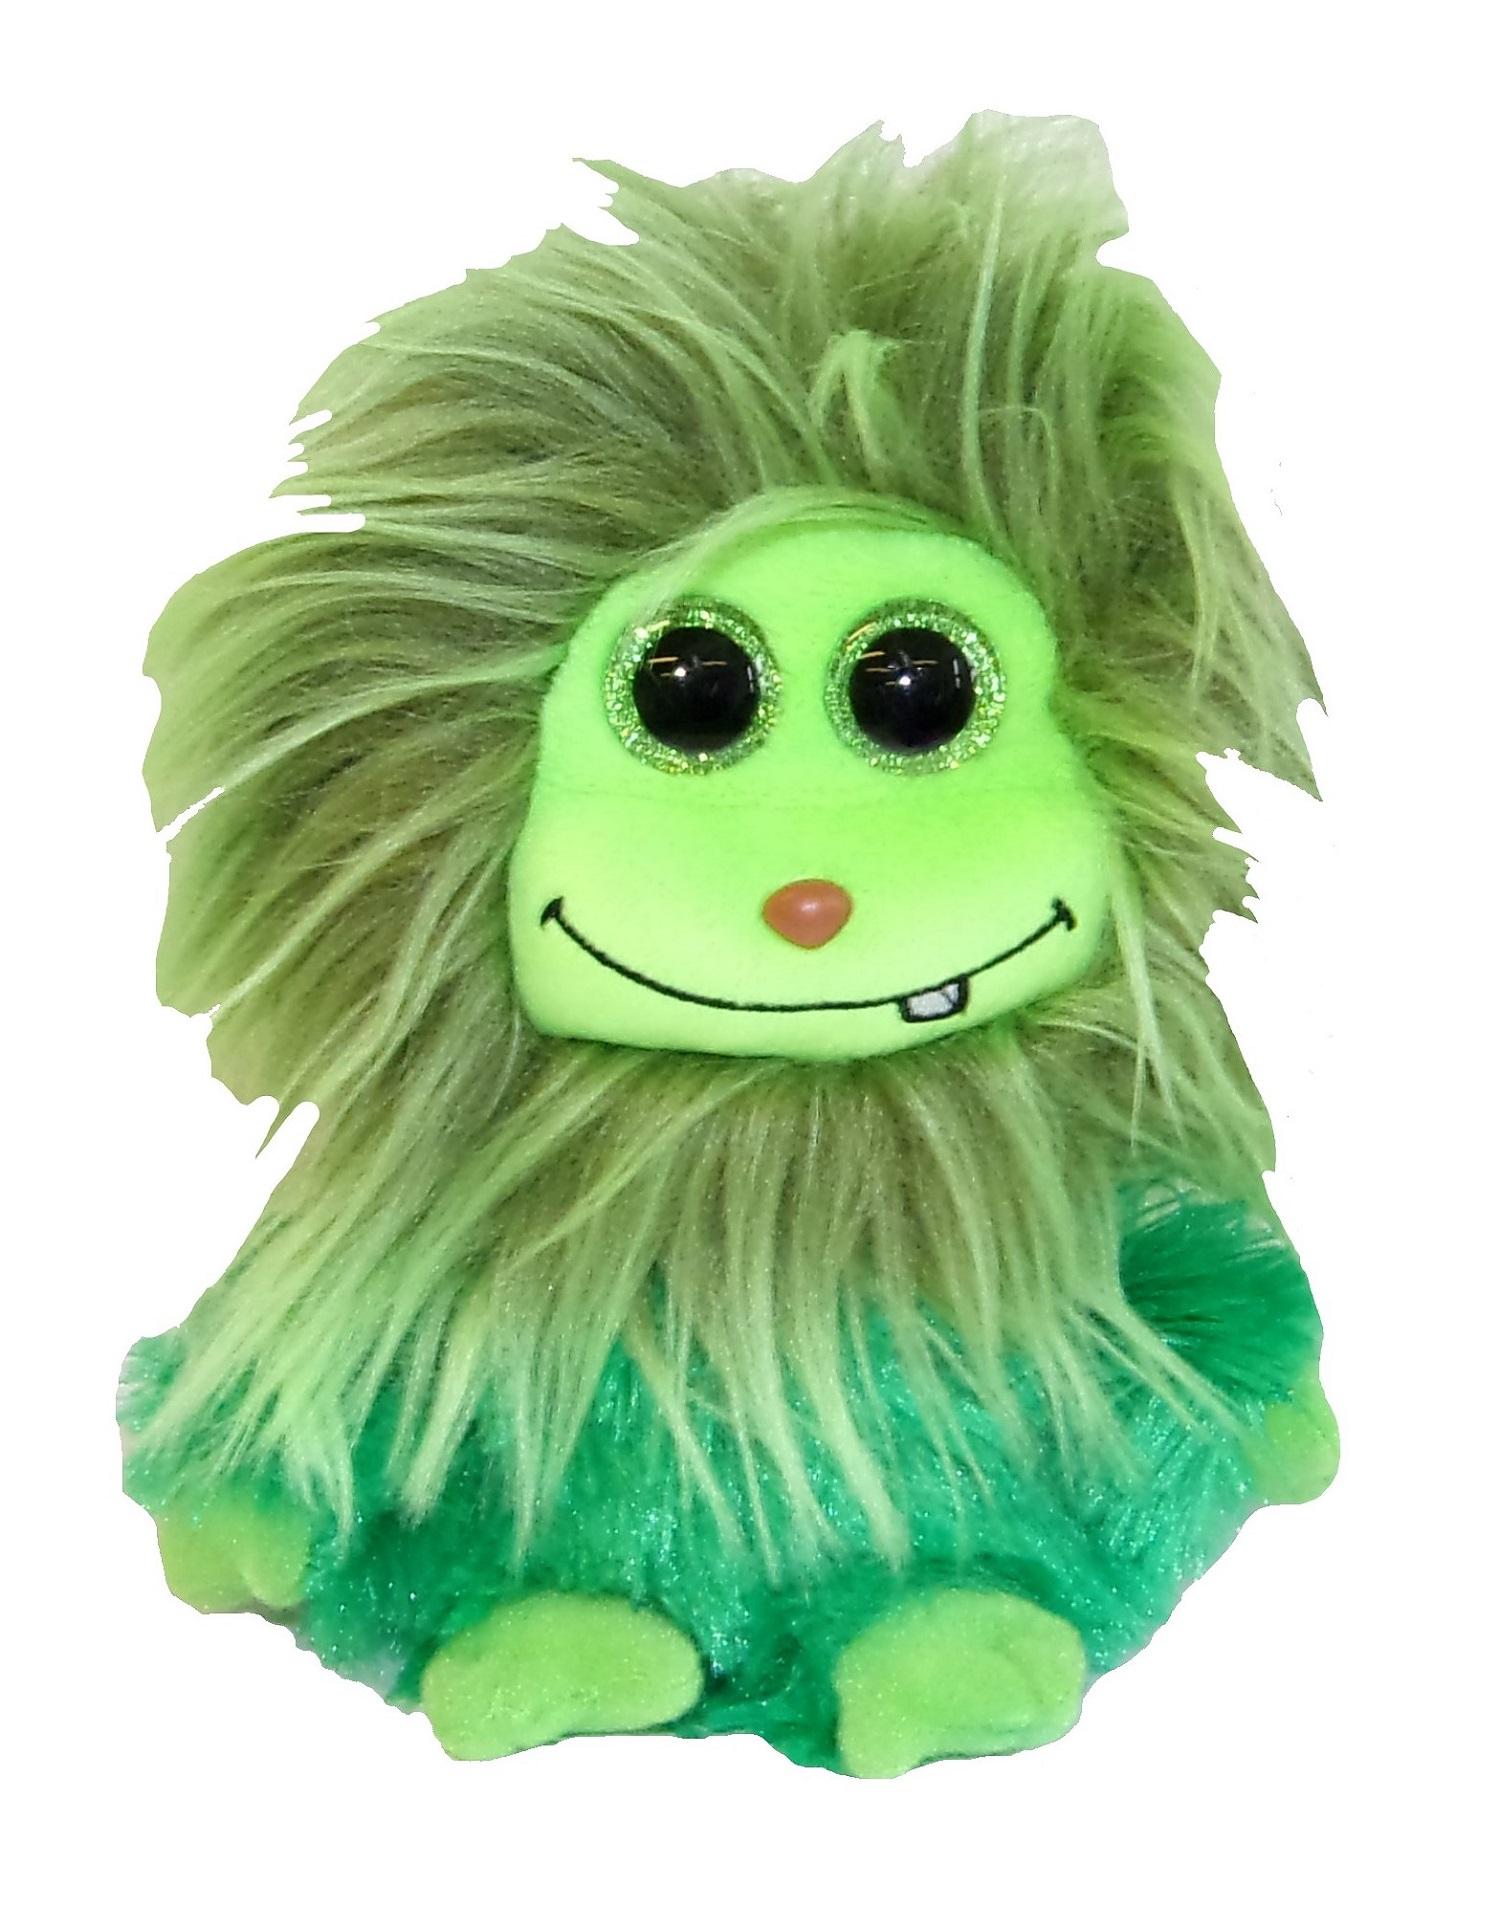 TY Frizzys Scoops Buddy Plüschfigur grün 15 cm